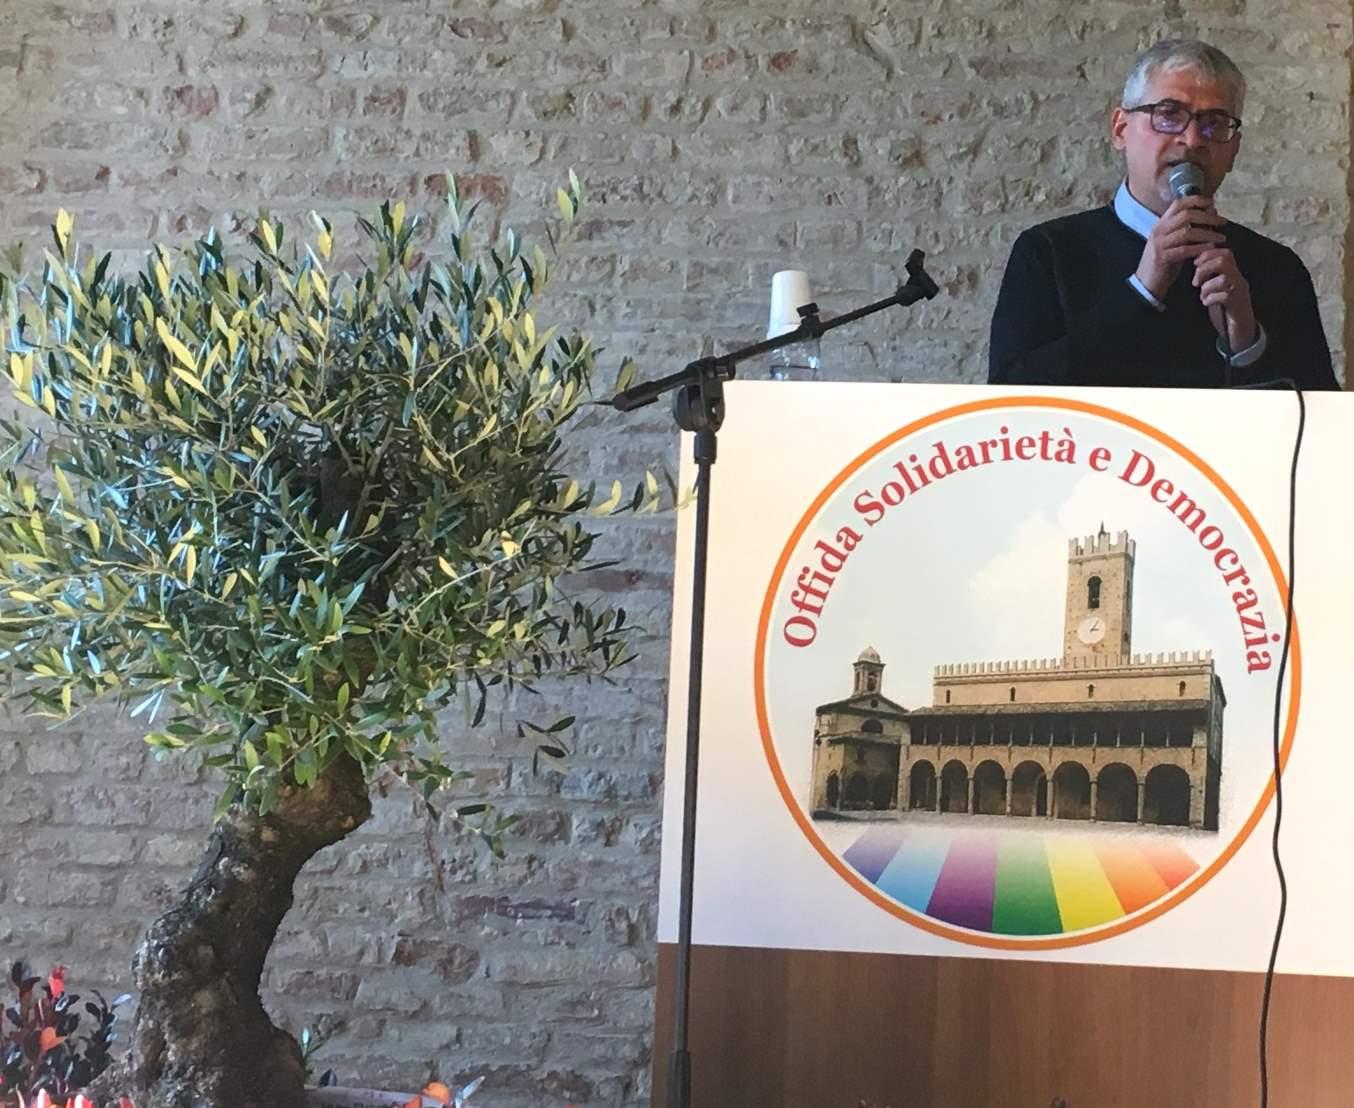 Luigi Massa, candidato Sindaco di Offida Solidarietà e Democrazia, apre la campagna elettorale